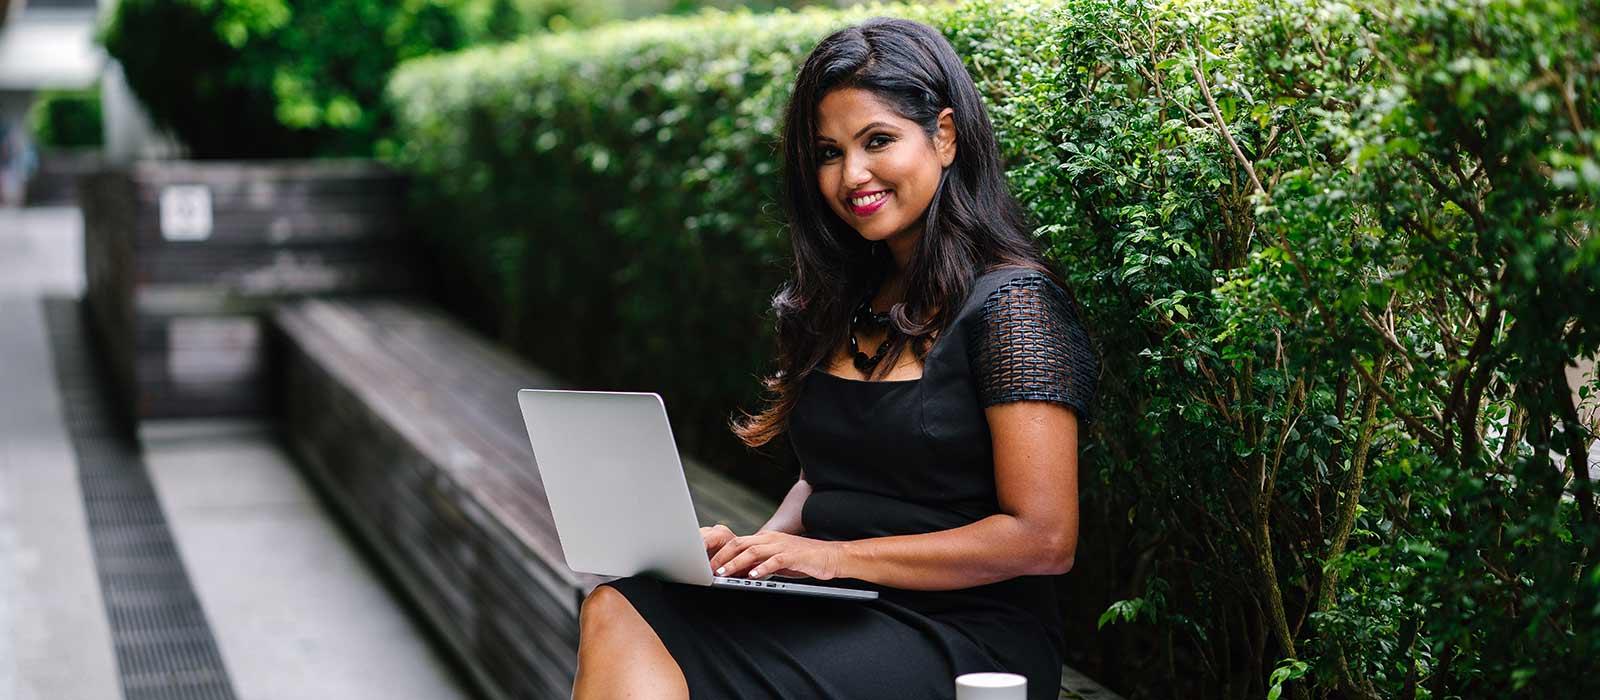 PPP-Spanish-WEV-Webinar-Latina-Woman-Smiling